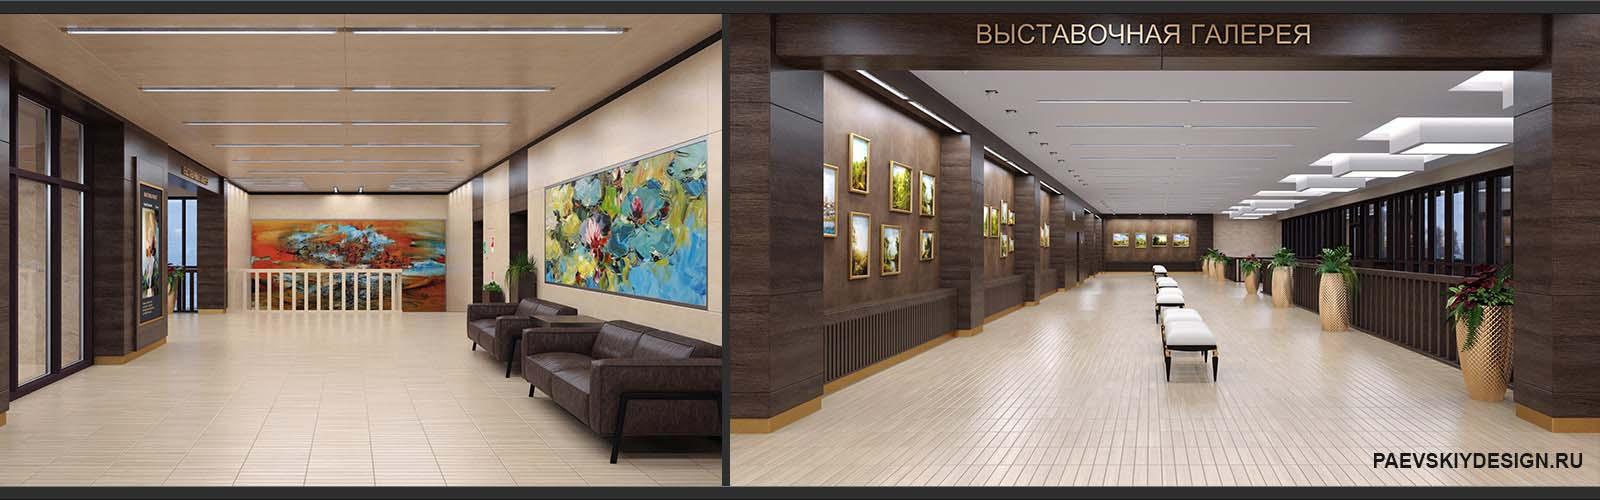 Дизайн выставочного зала галереи